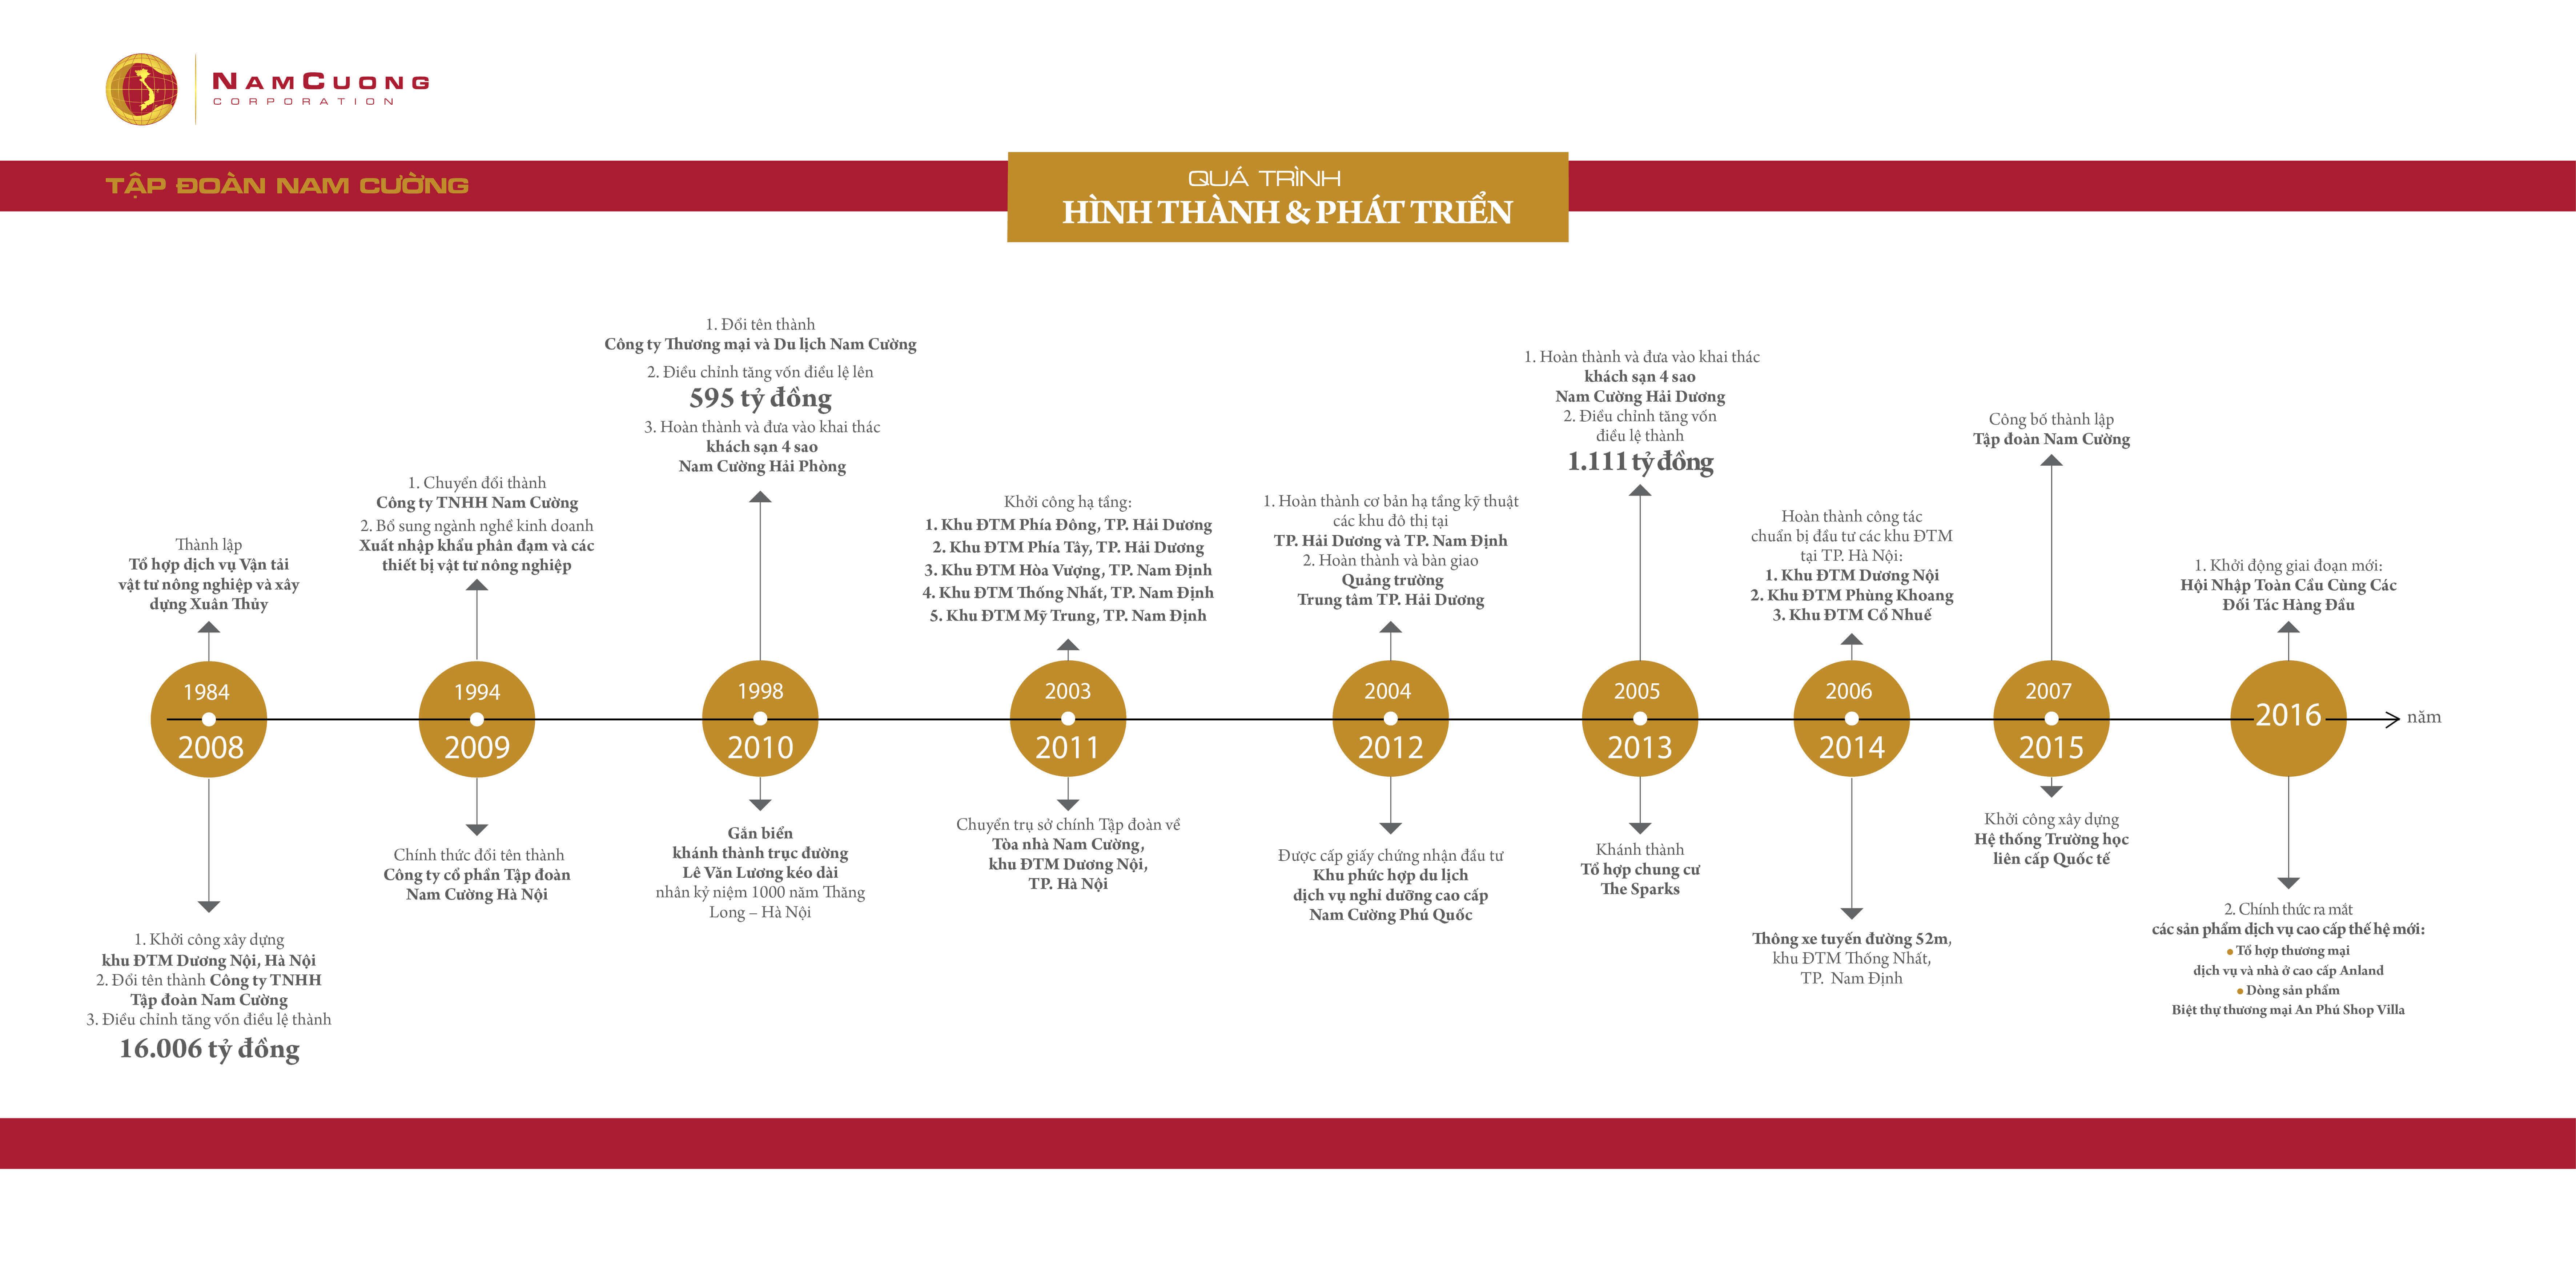 Quá trình hình thành và phát triển của tập đoàn Nam Cường